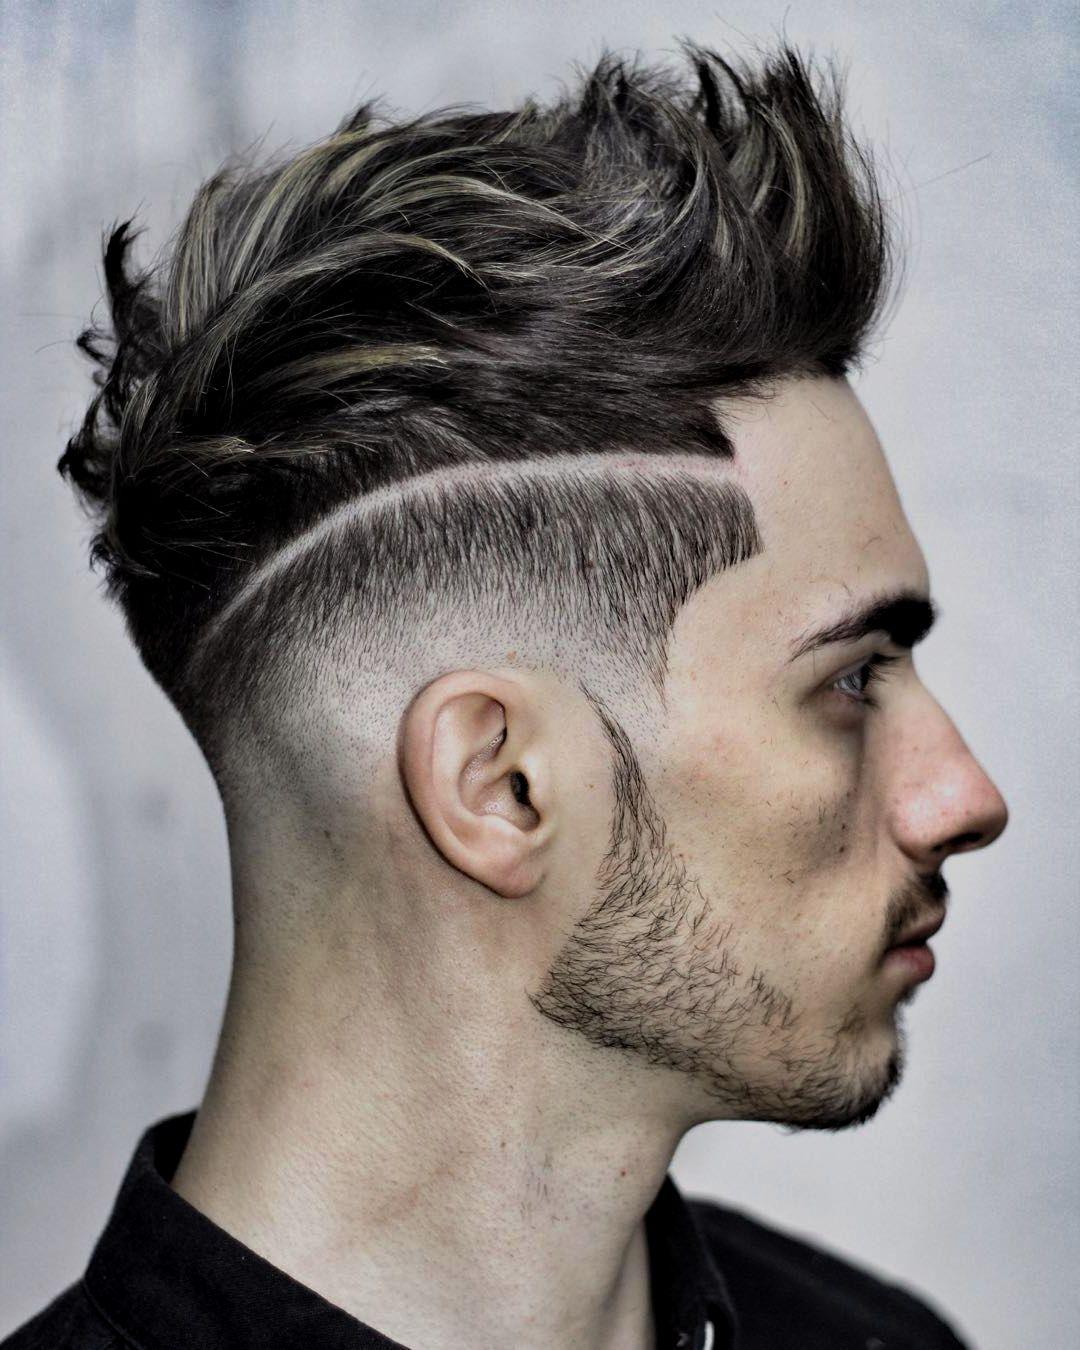 20 best medium hairstyles for men - part 12